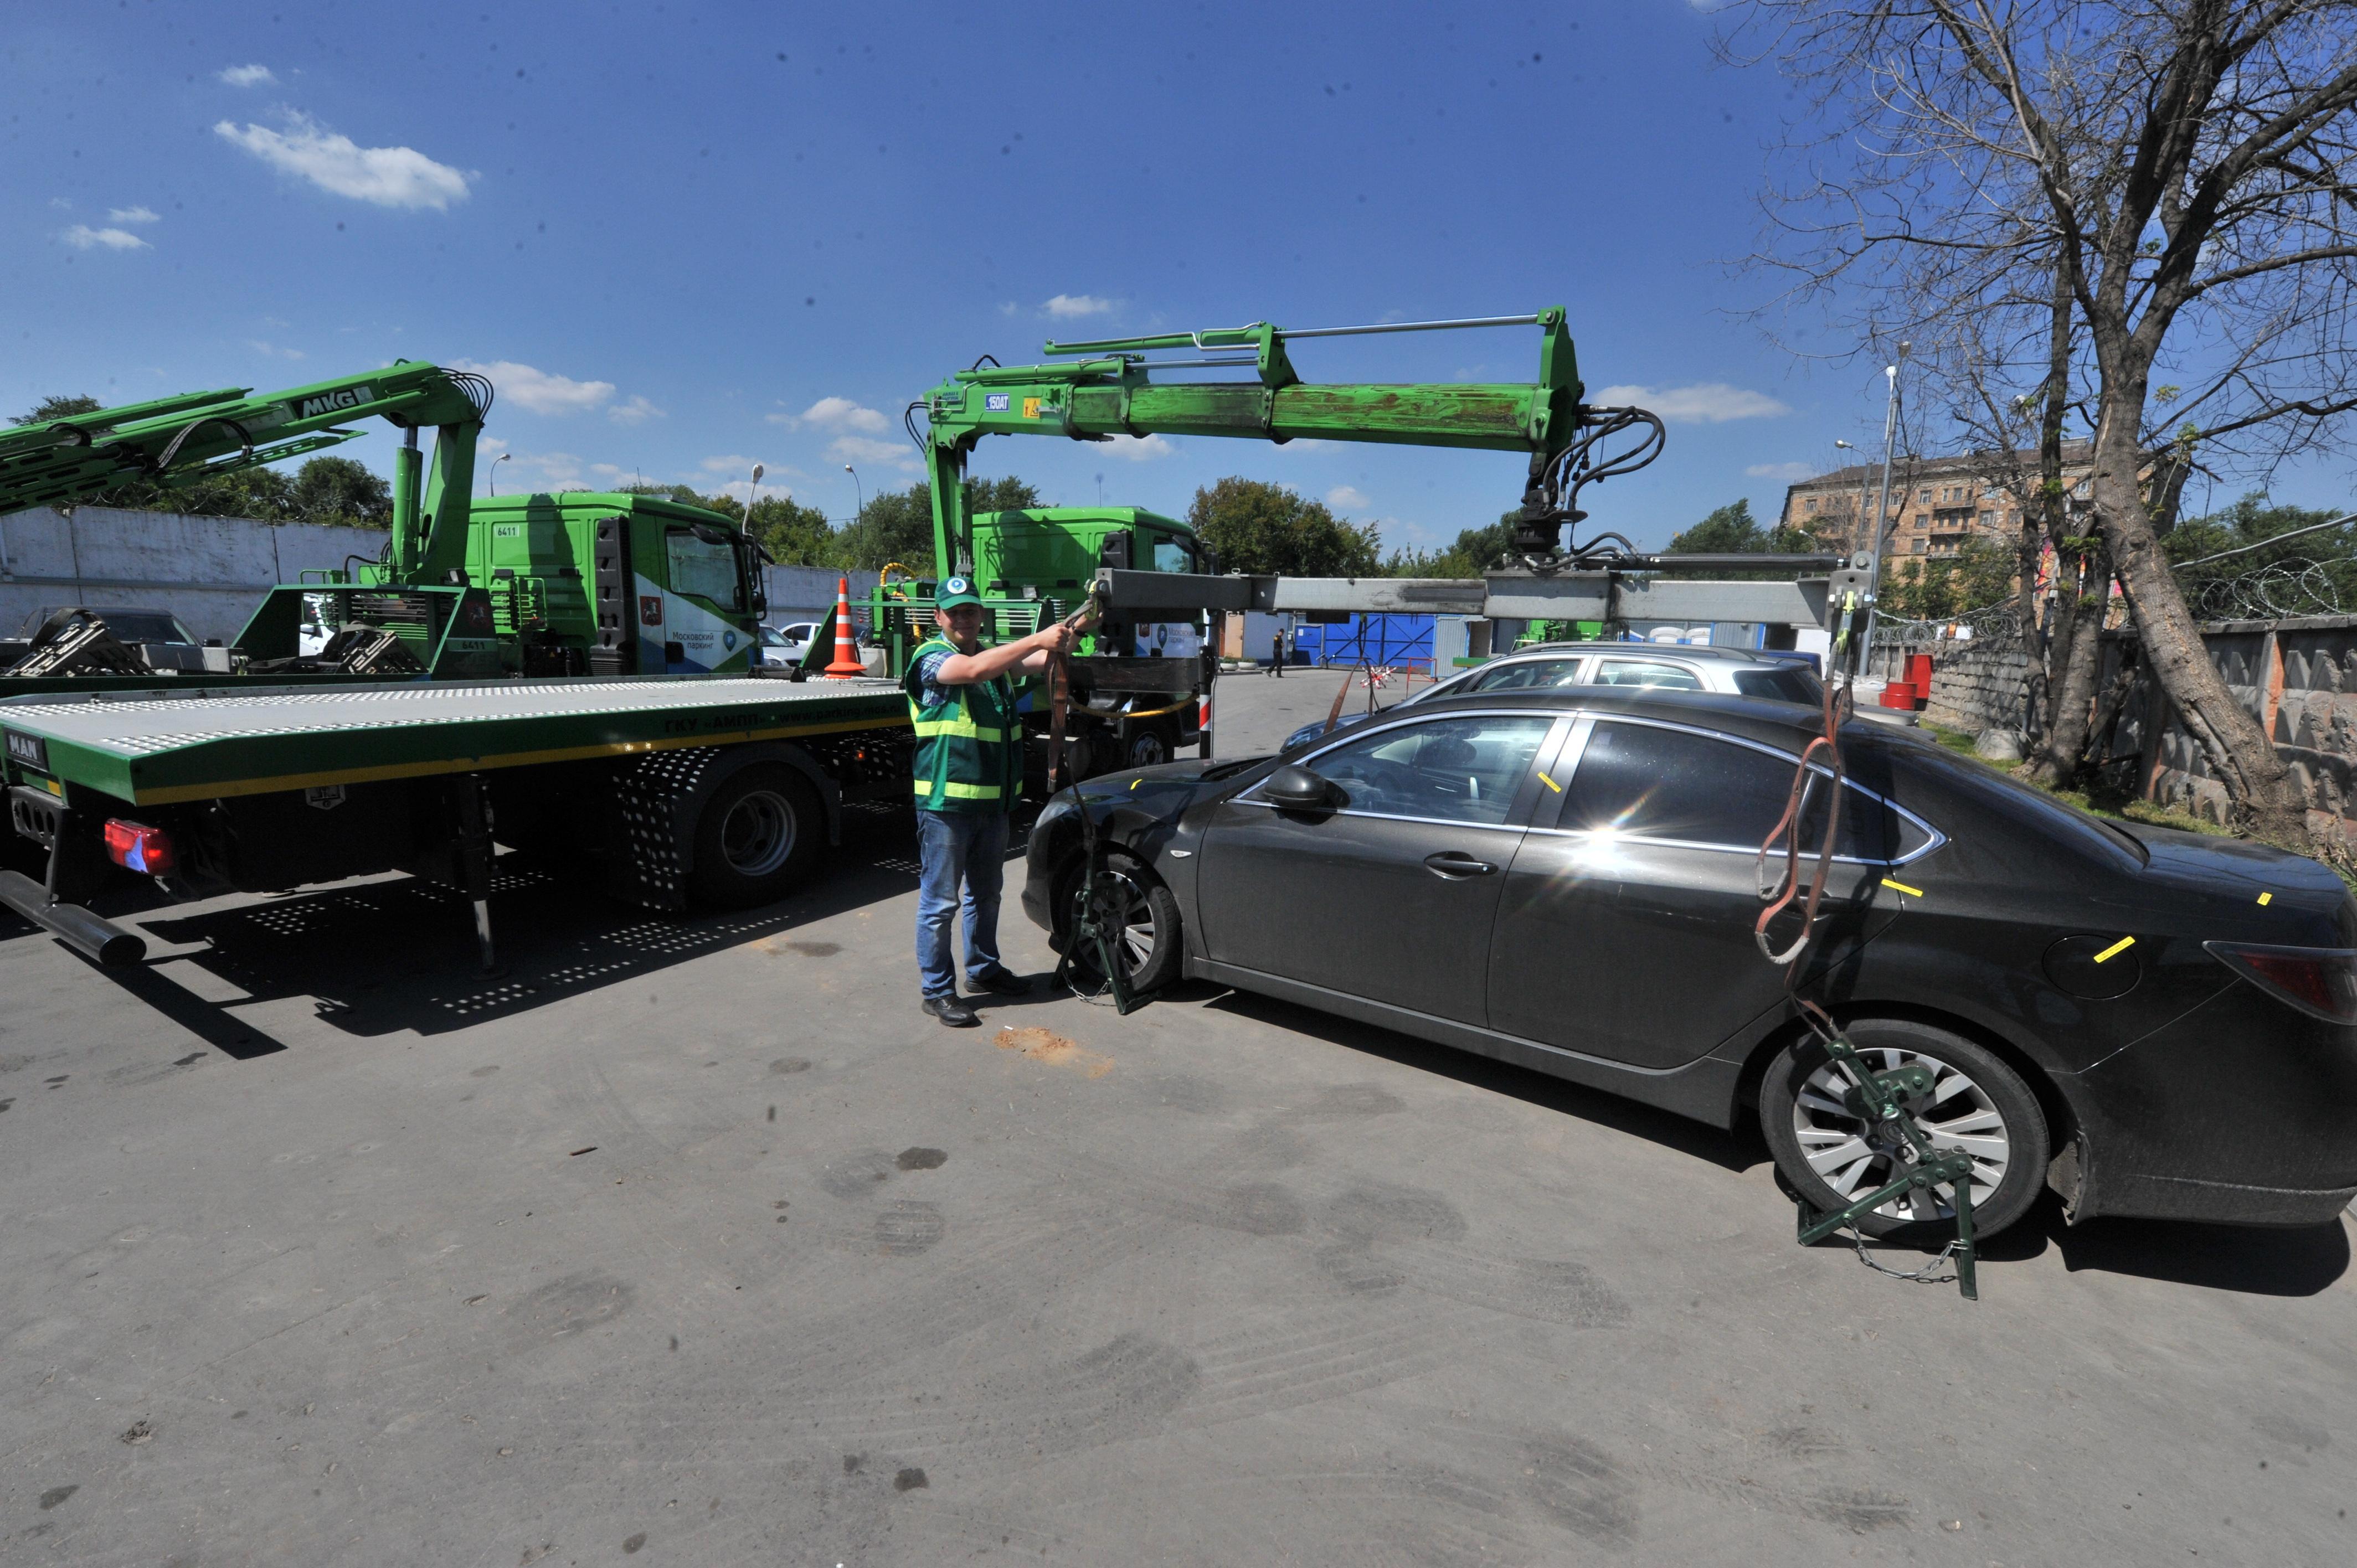 Количество эвакуируемых автомобилей в Москве снижается.